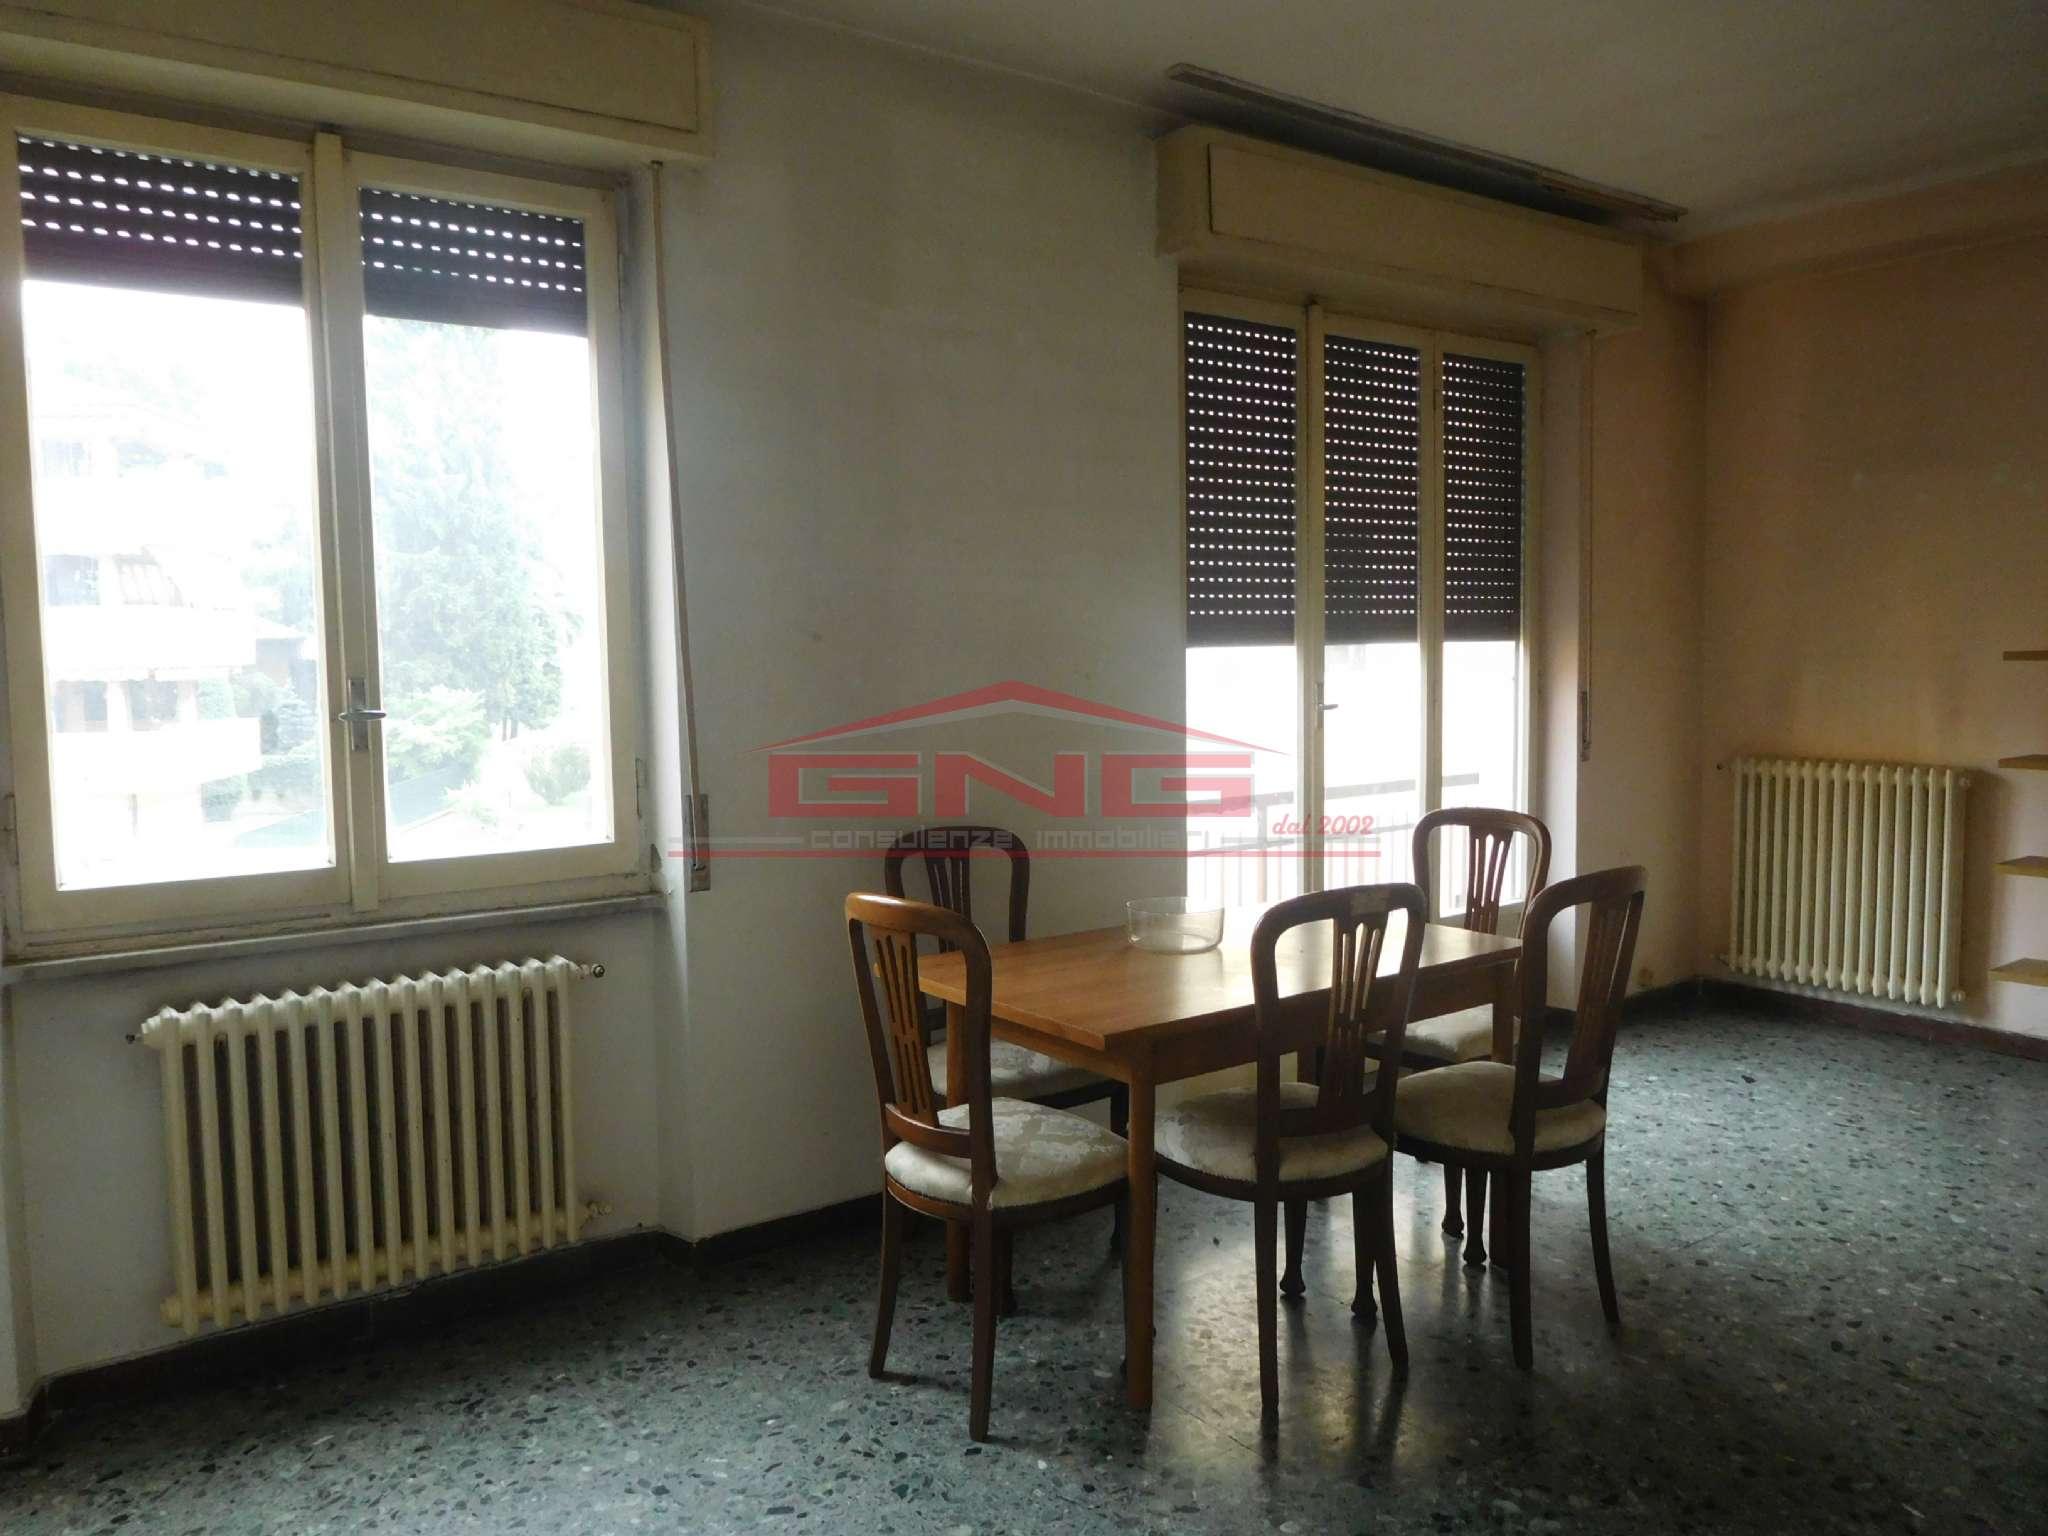 Appartamento in vendita a Melegnano, 3 locali, prezzo € 110.000 | CambioCasa.it